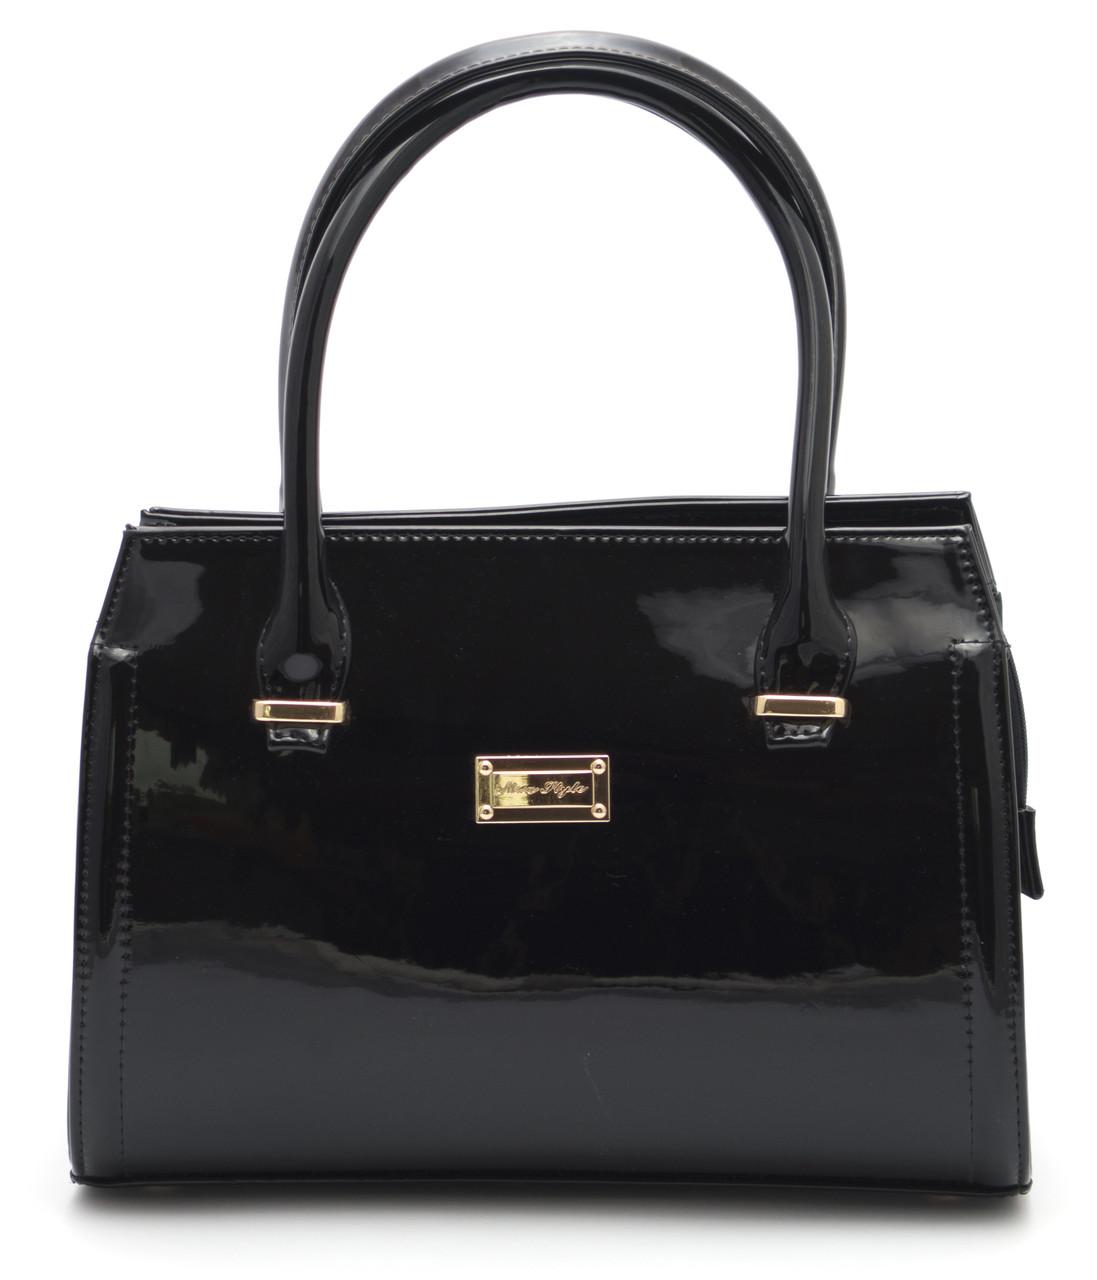 8e5ed76b995b Черная лаковая женская сумка Zgarda Украина art. 05-15 - Ремешок и Кошелек в